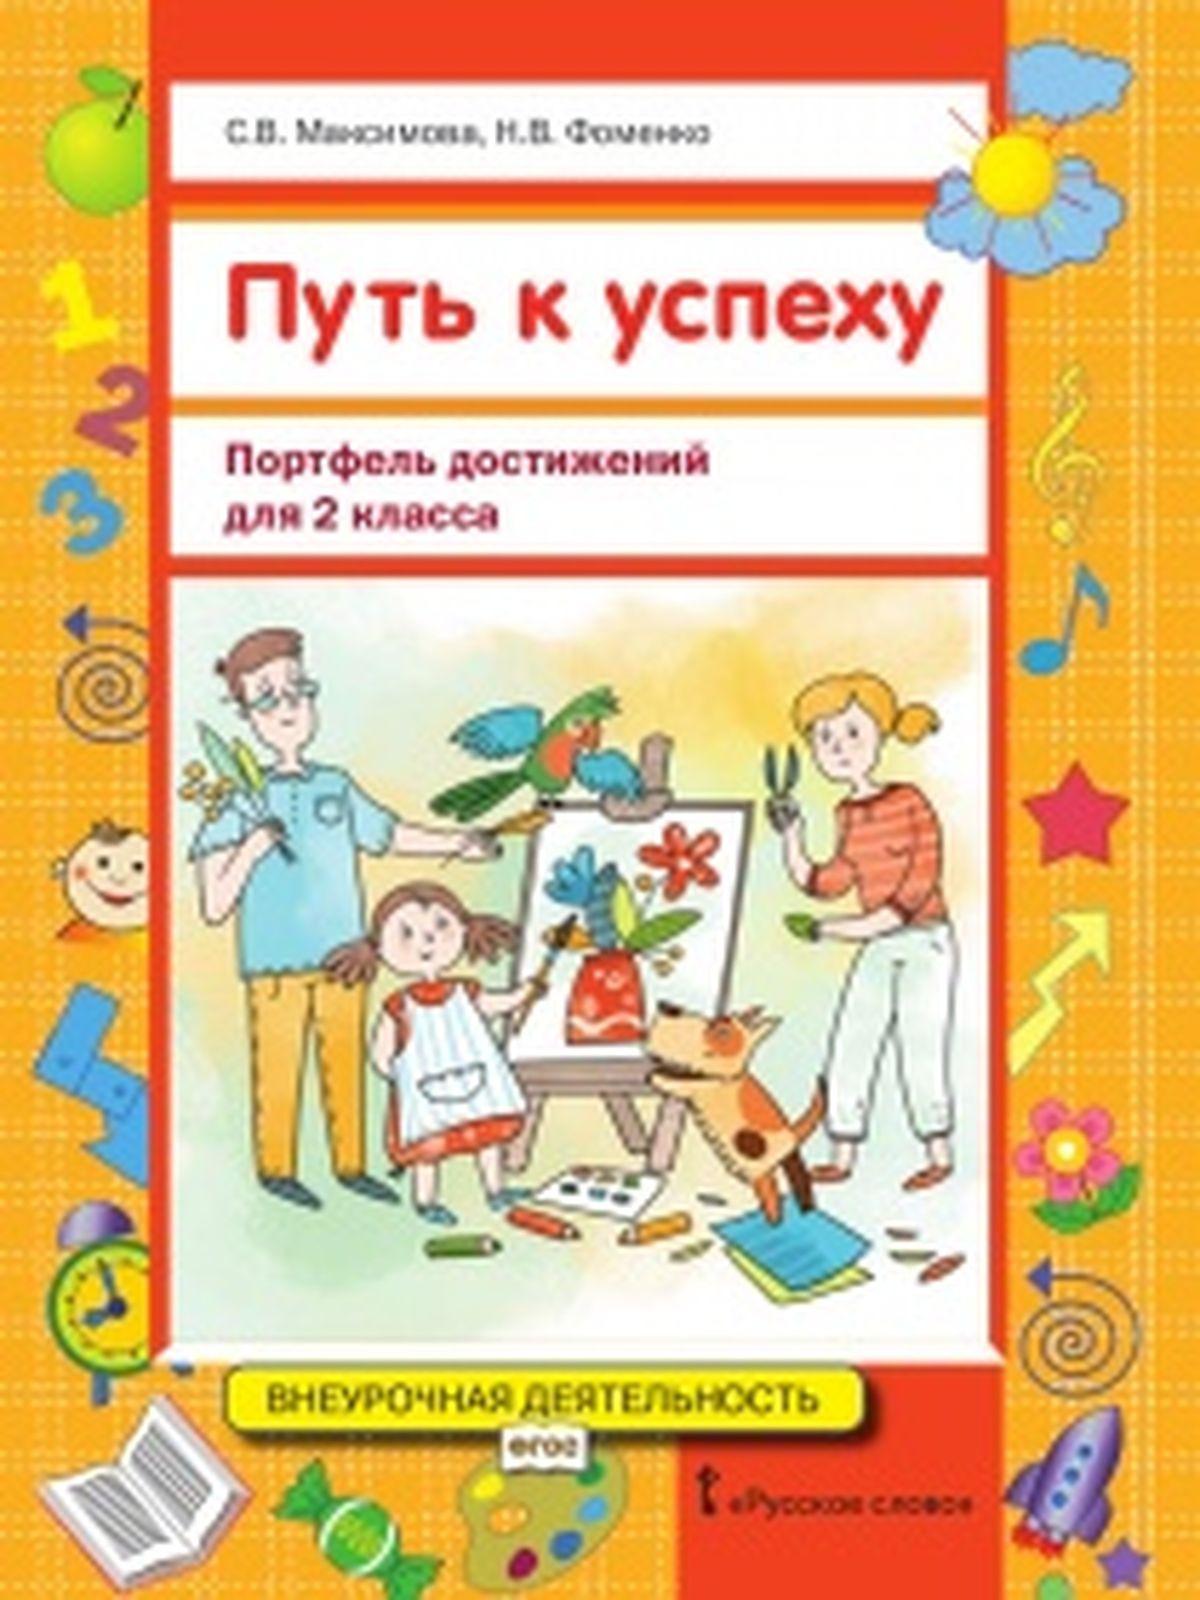 С. В. Максимова, Н. В. Фоменко Путь к успеху. 2 класс. Портфель достижений